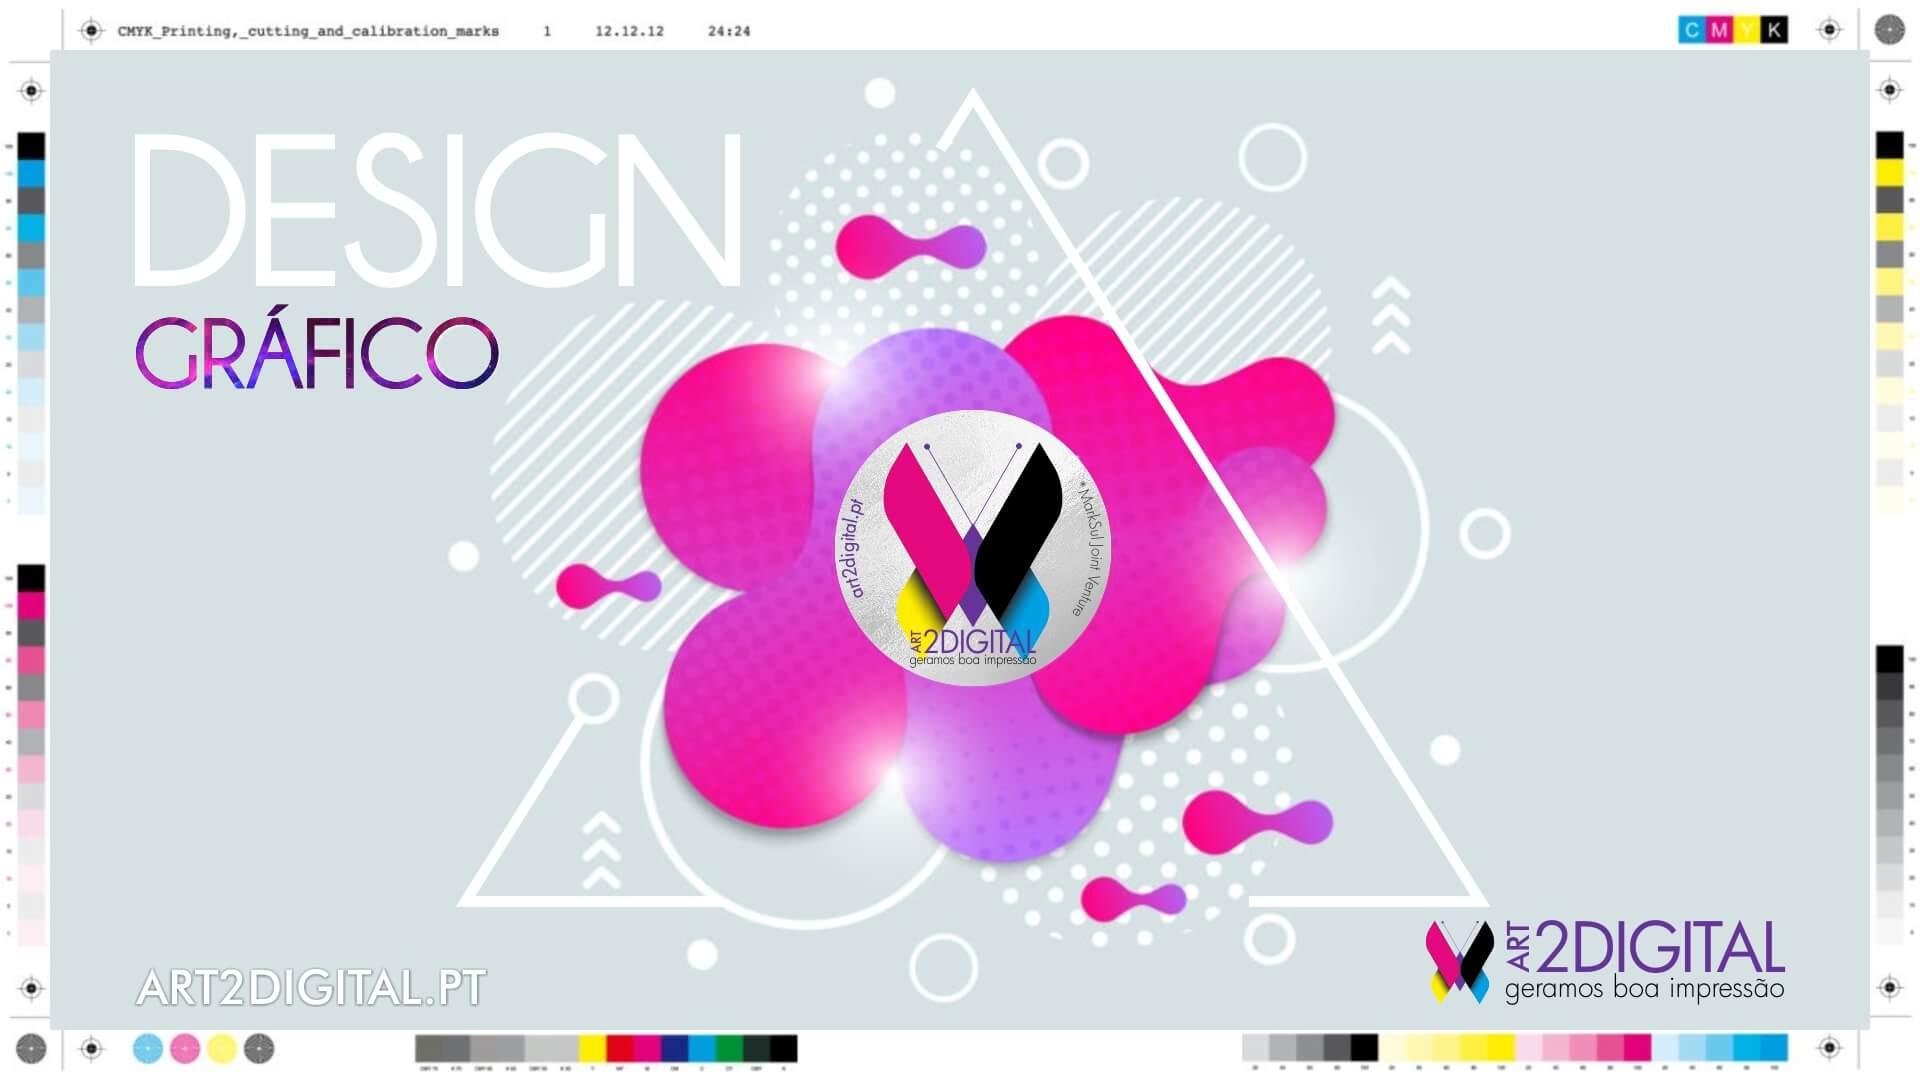 #Design Gráfico #Design de Comunicação #Logótipo #Identidade